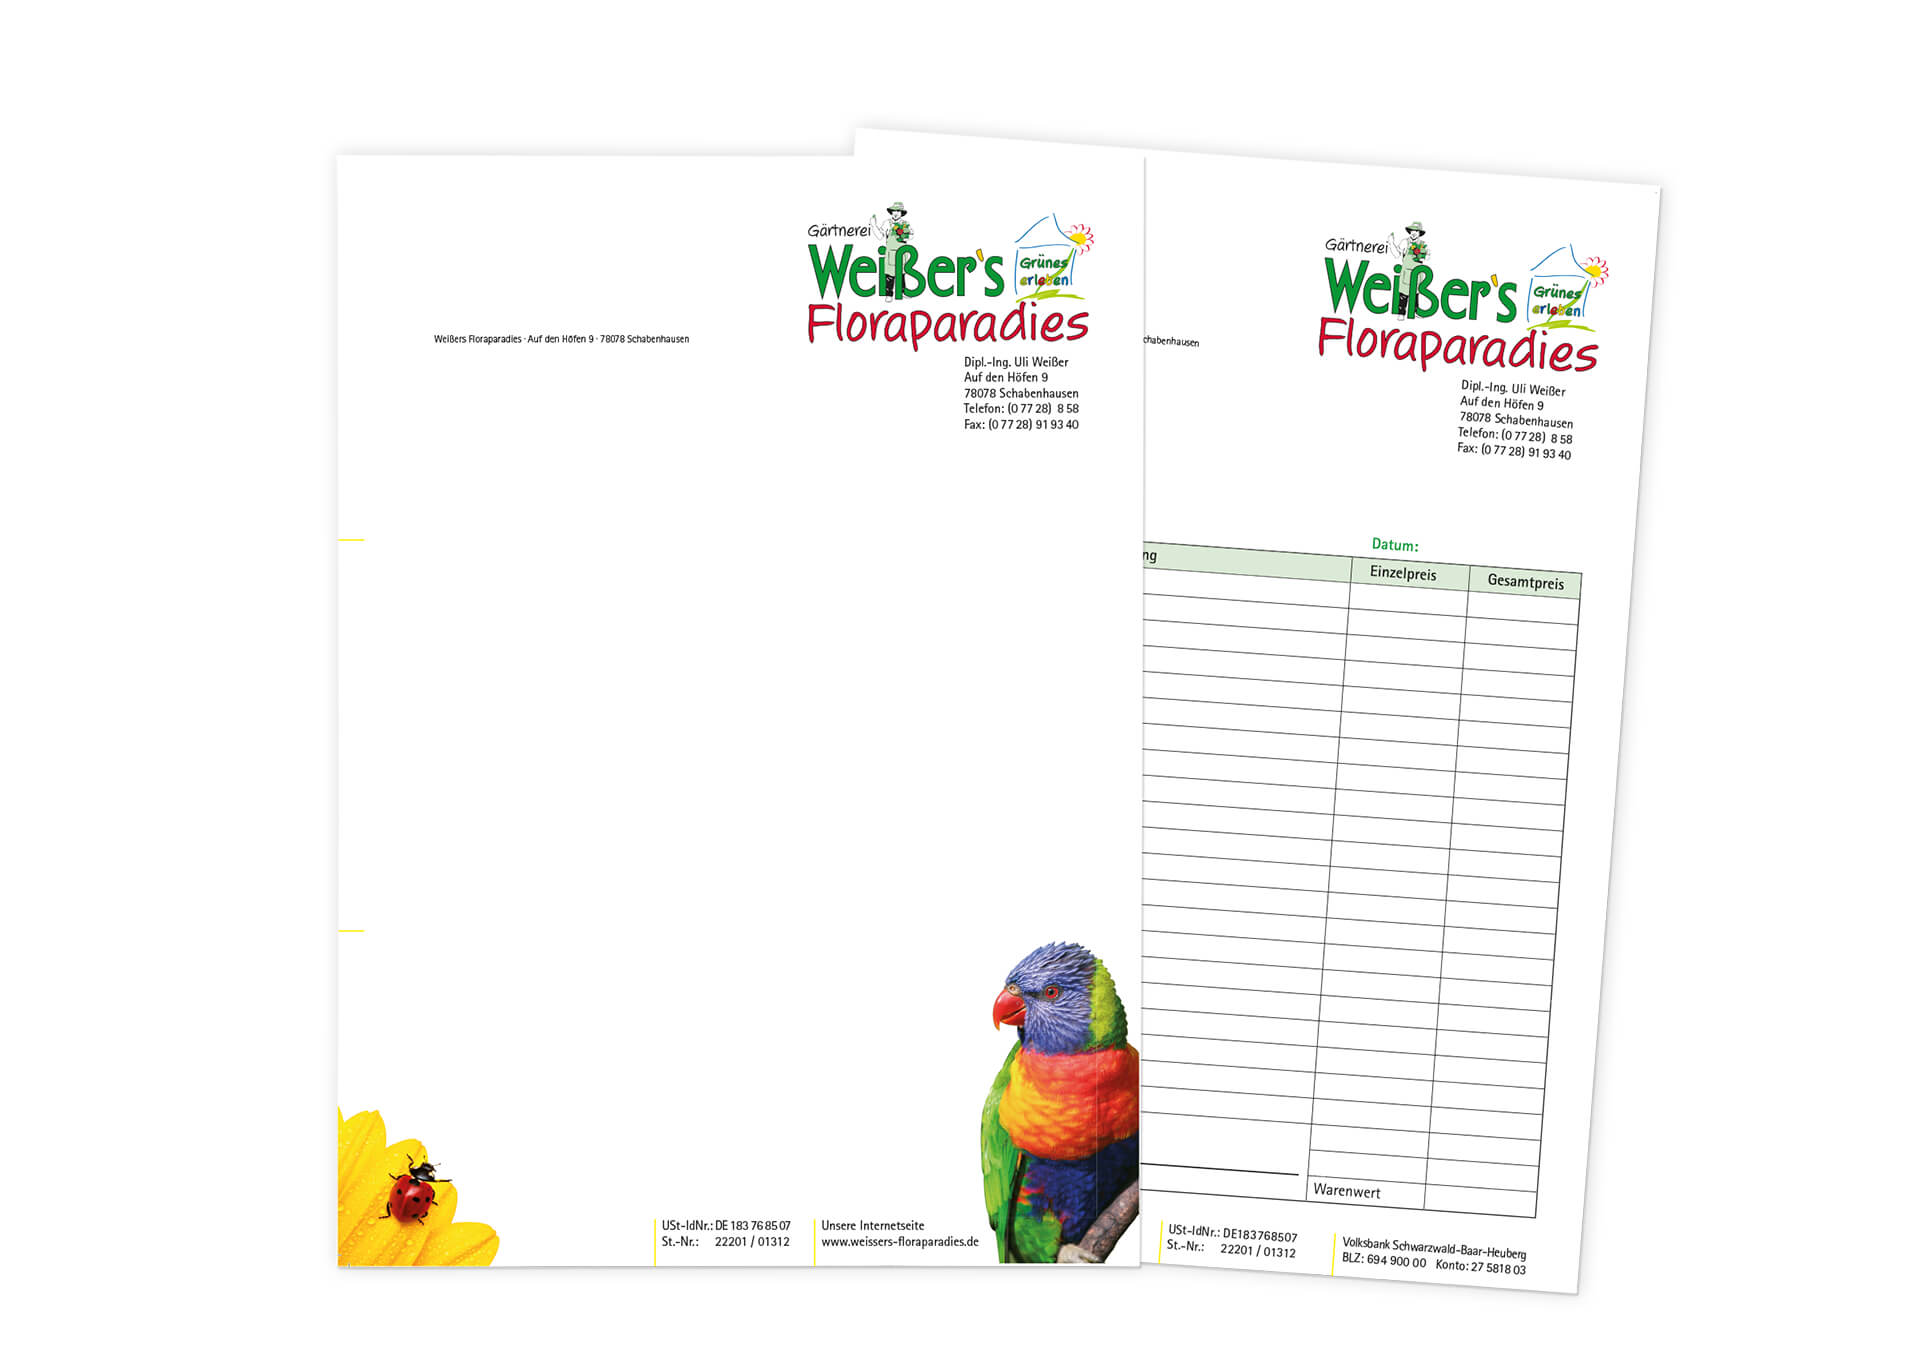 Gestaltung Weisser Briefpapier und Lieferscheine